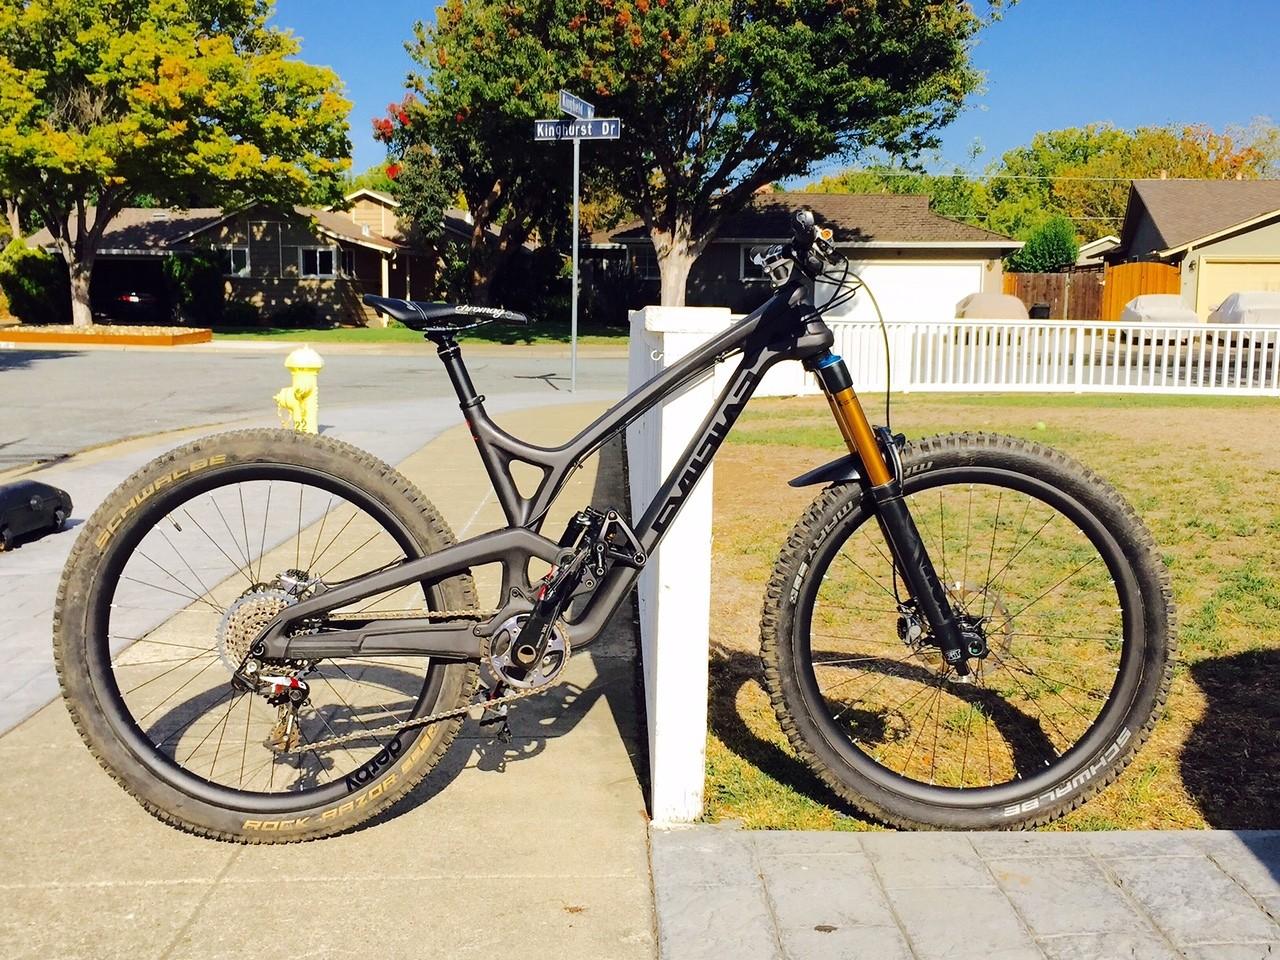 c8f1b7f8e6 New EVIL Insurgent - Evil13 s Bike Check - Vital MTB